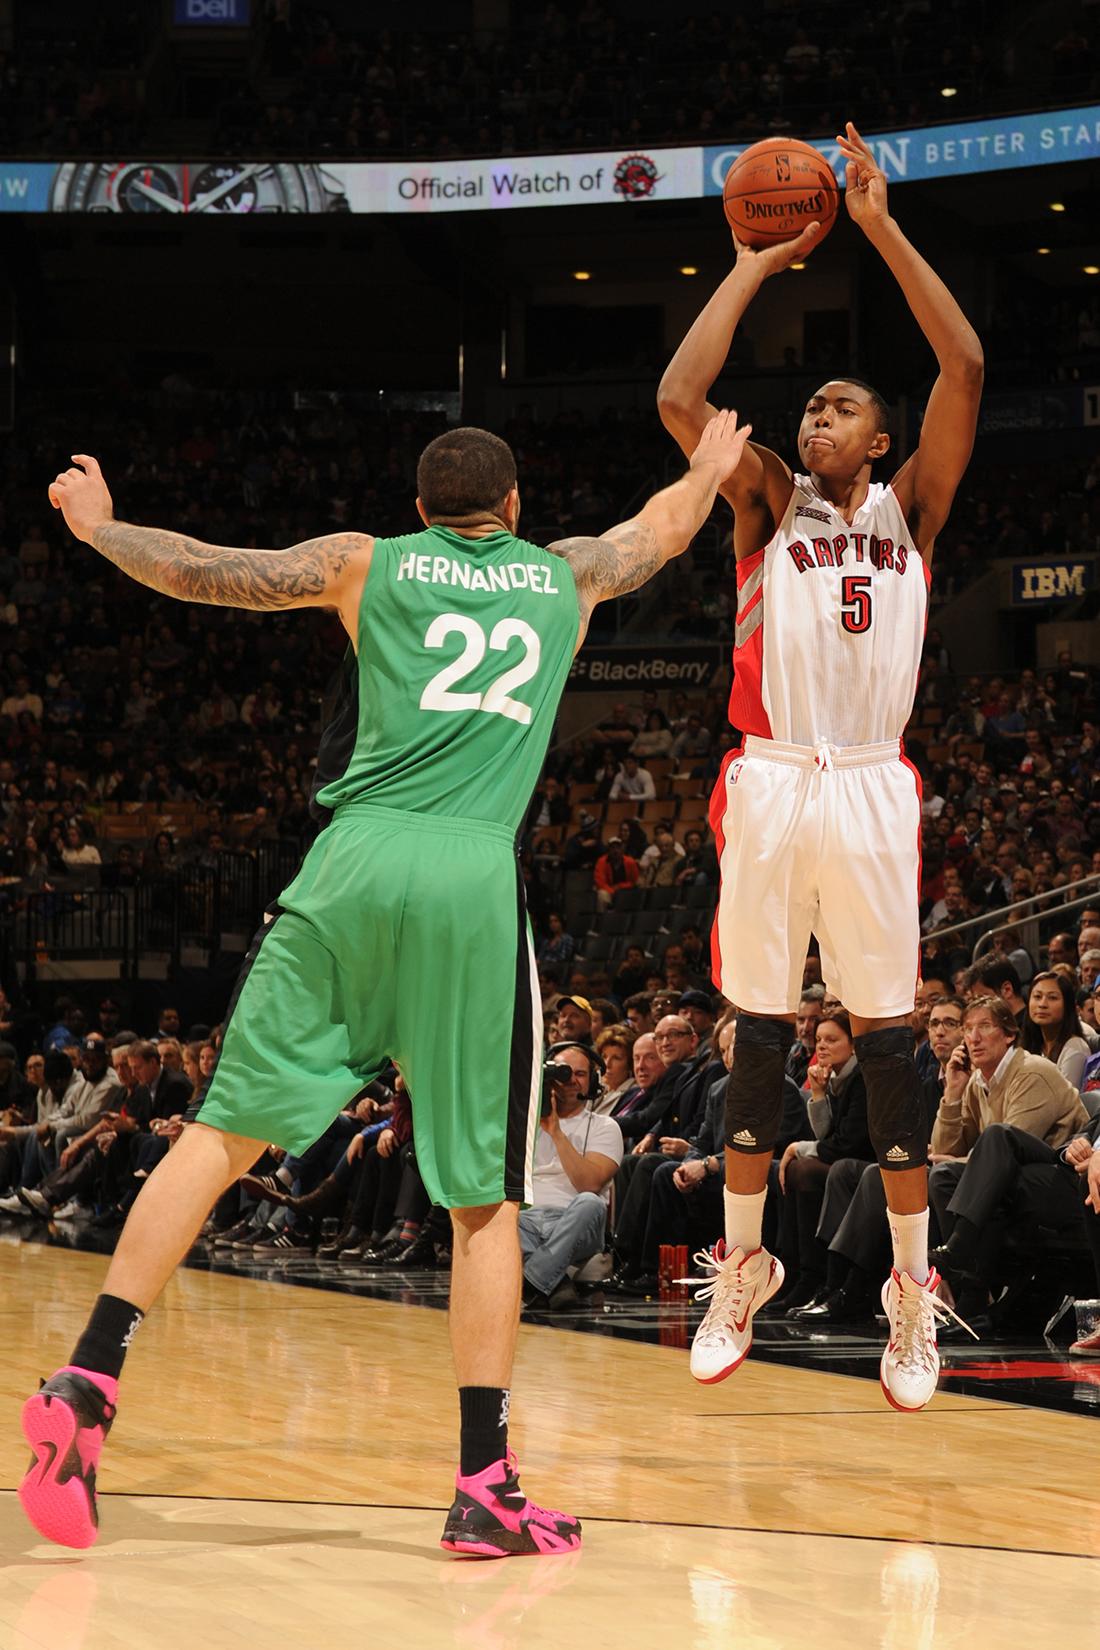 Se acaba el tour NBA para Héctor Hernández y Brody Angley